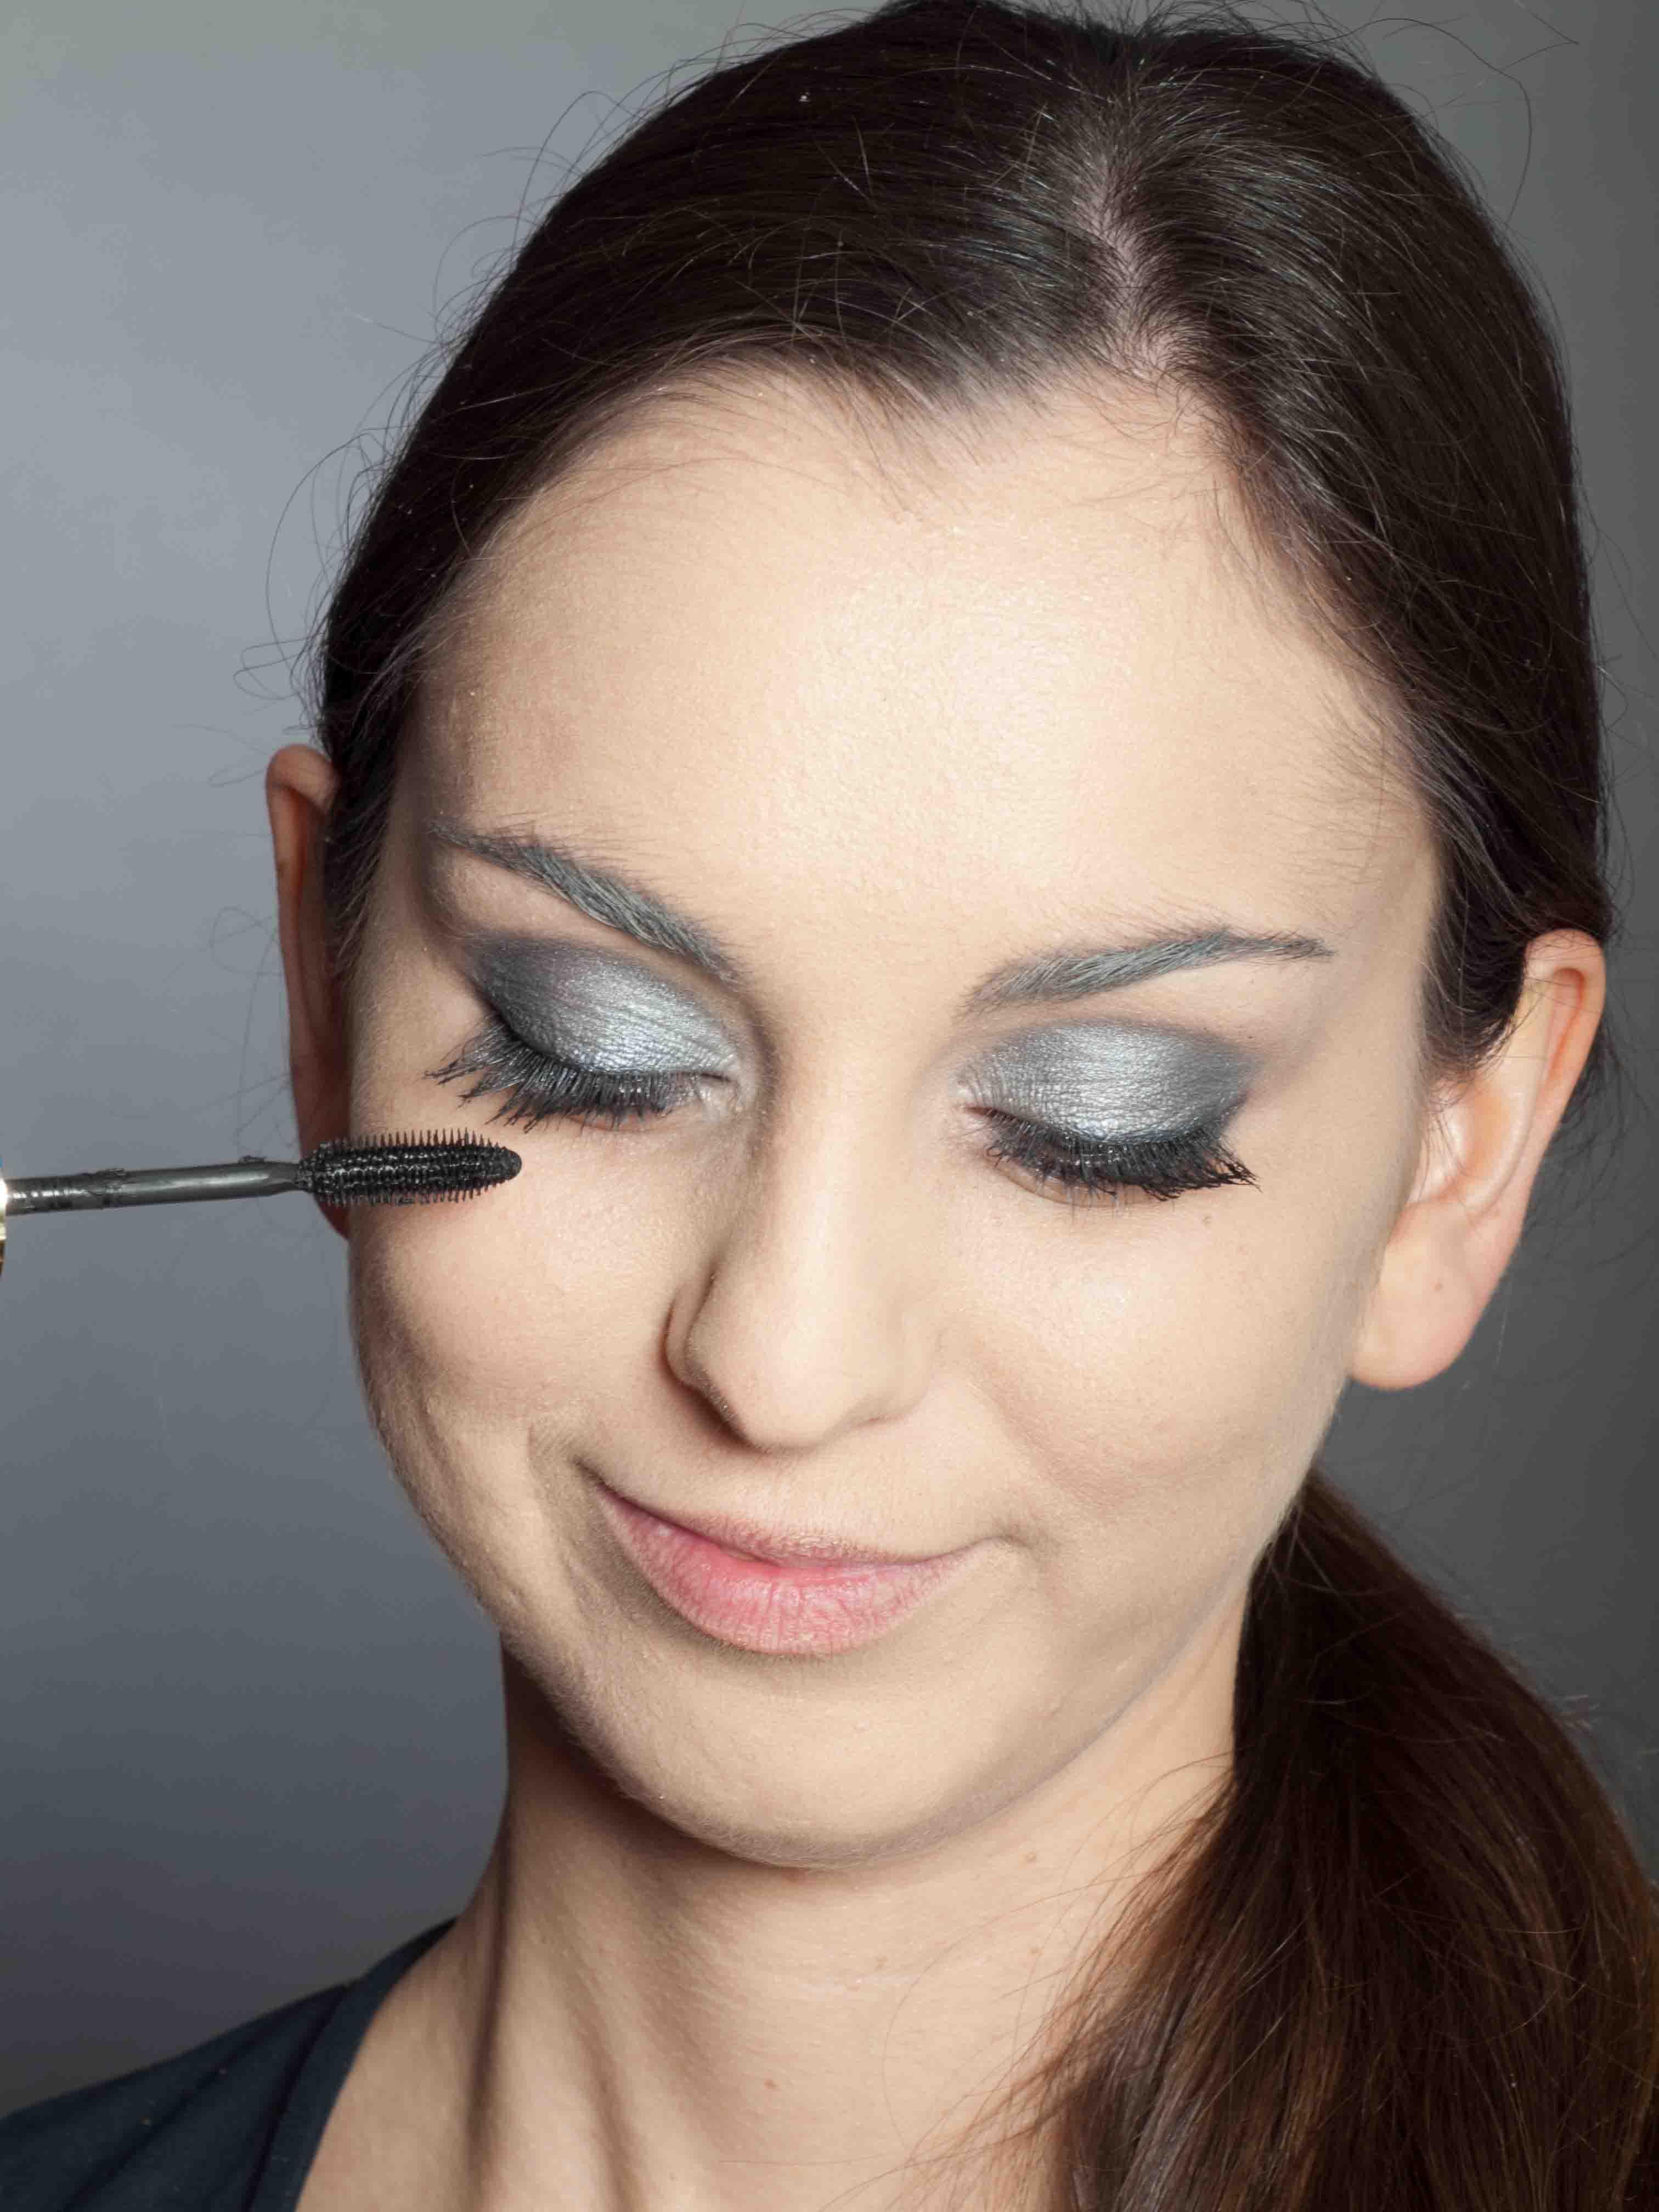 Metallic Look Augen Make up Wimpern schminken 2